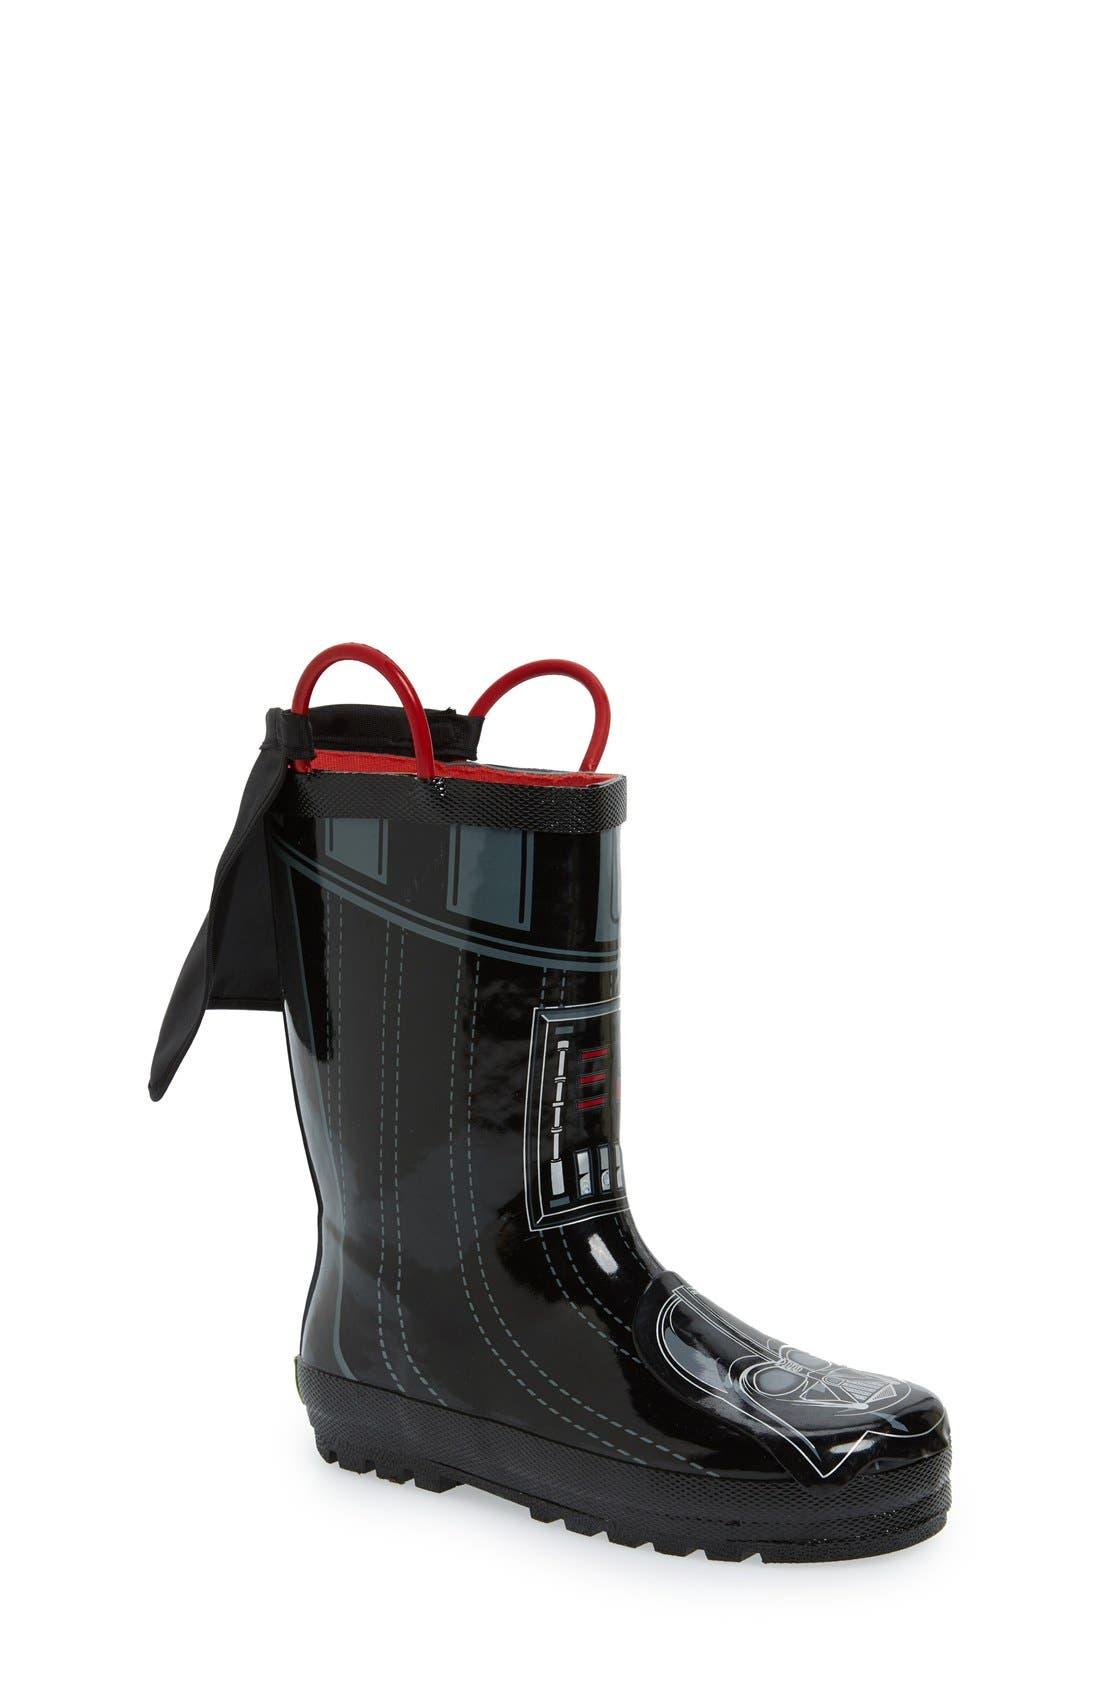 Star Wars<sup>™</sup> - Darth Vader Waterproof Rain Boot,                             Main thumbnail 1, color,                             001